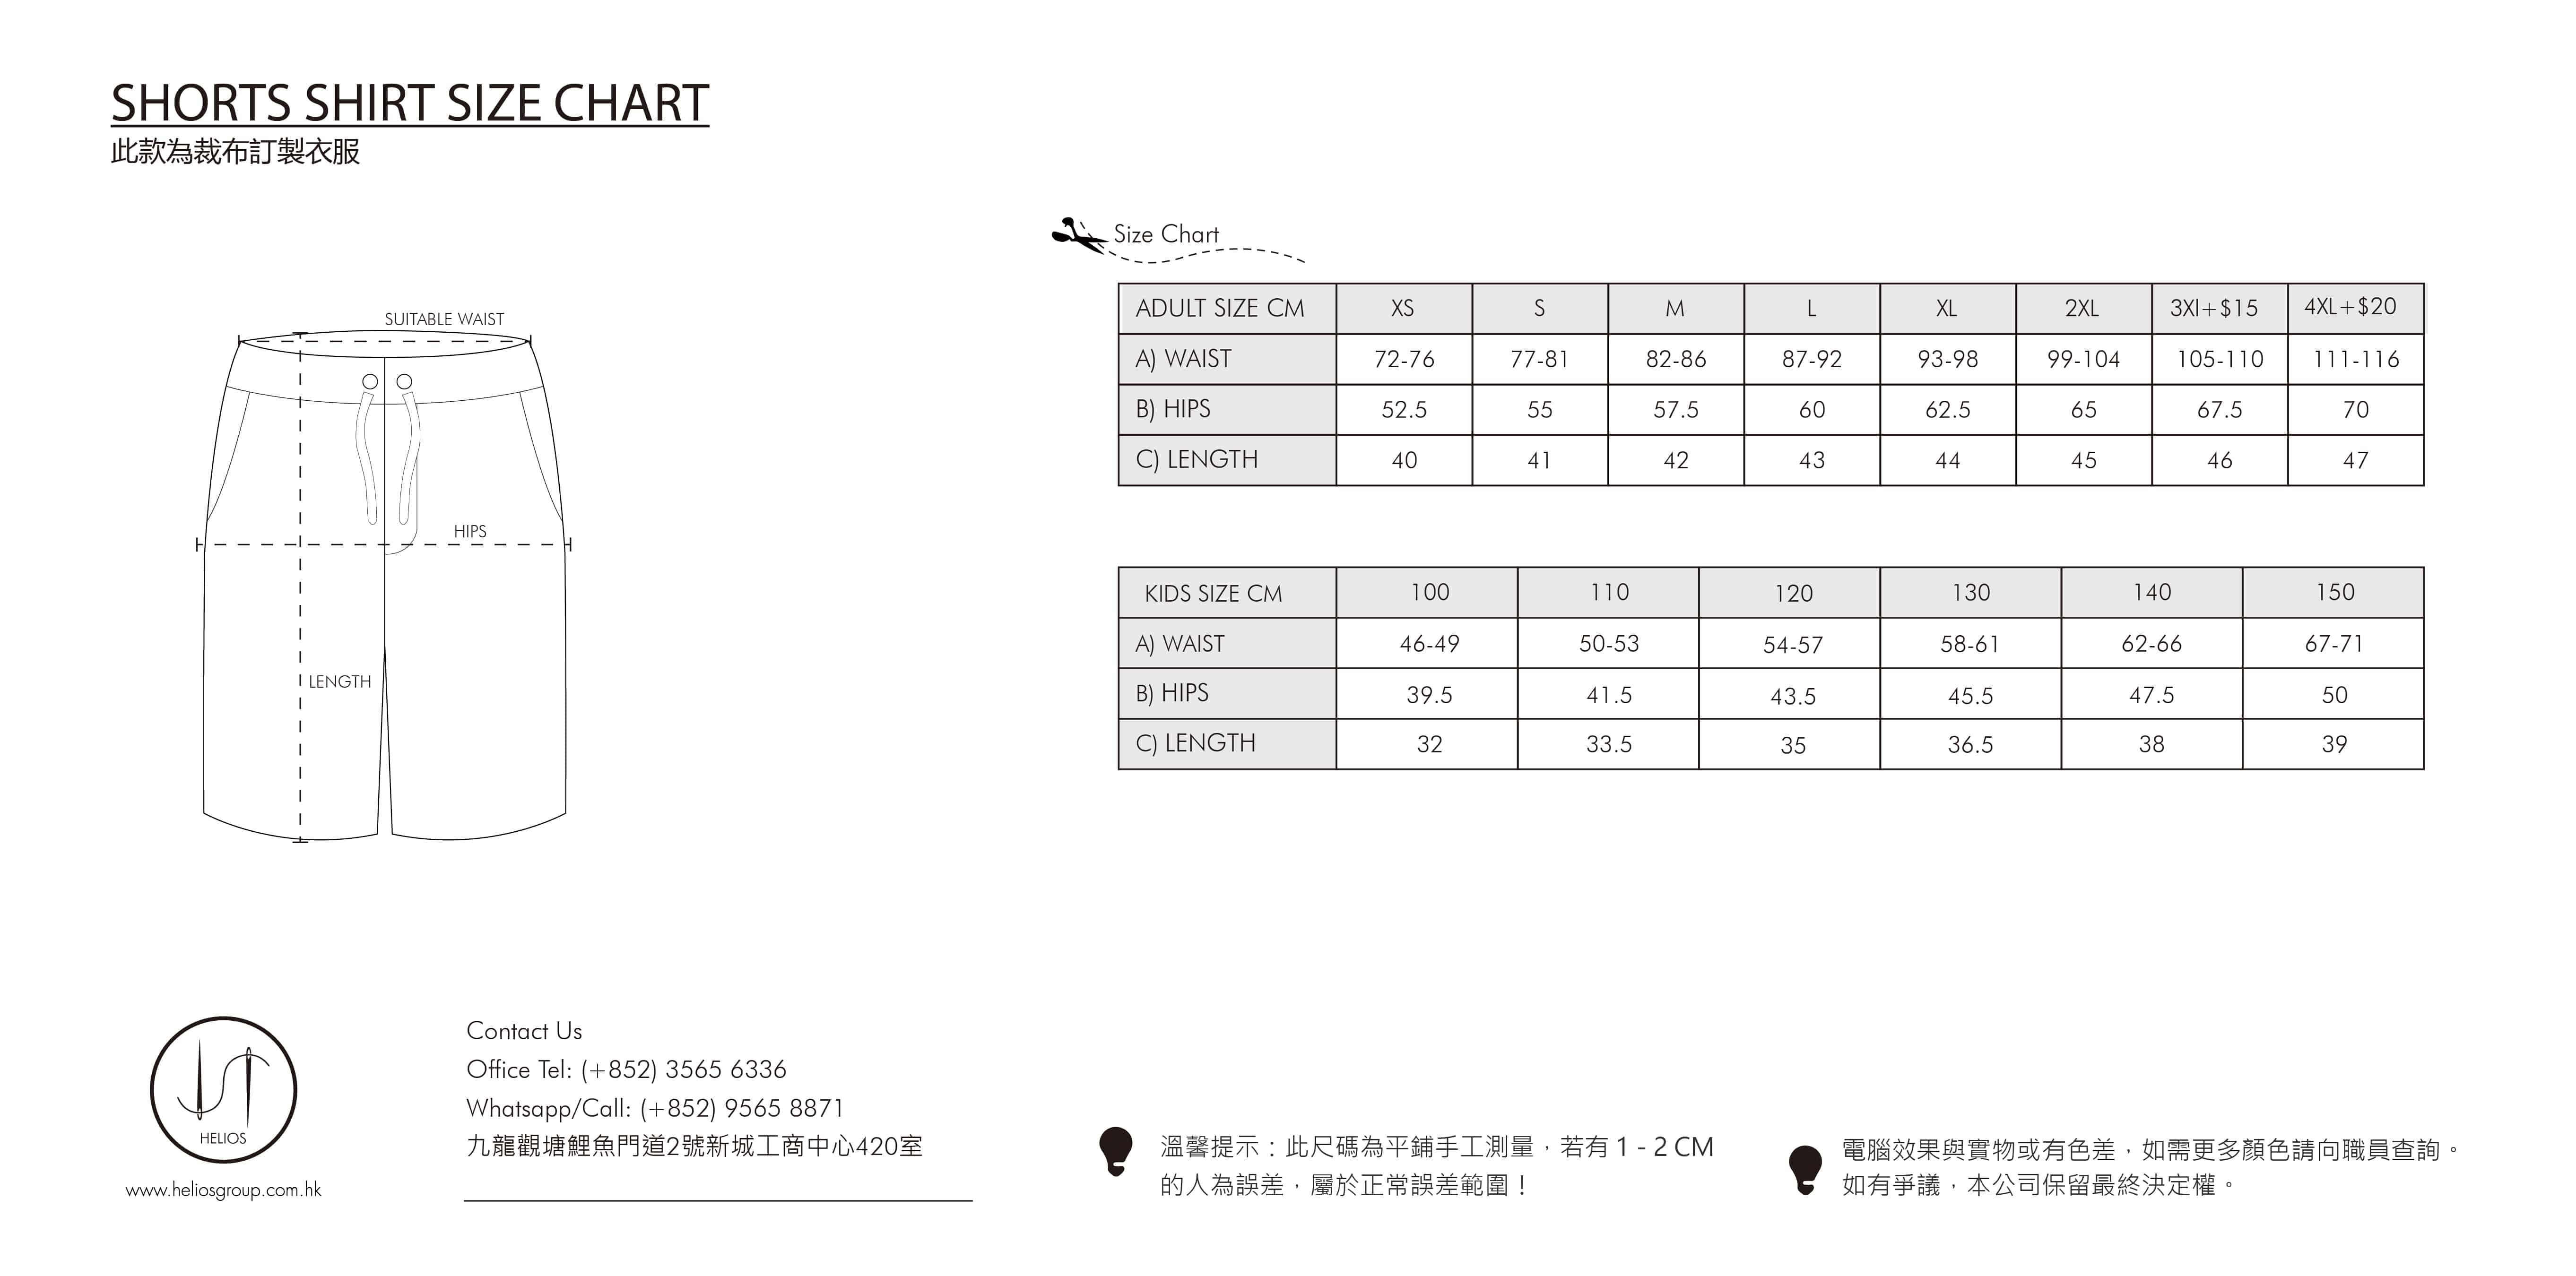 裁布製SHORTS尺碼表